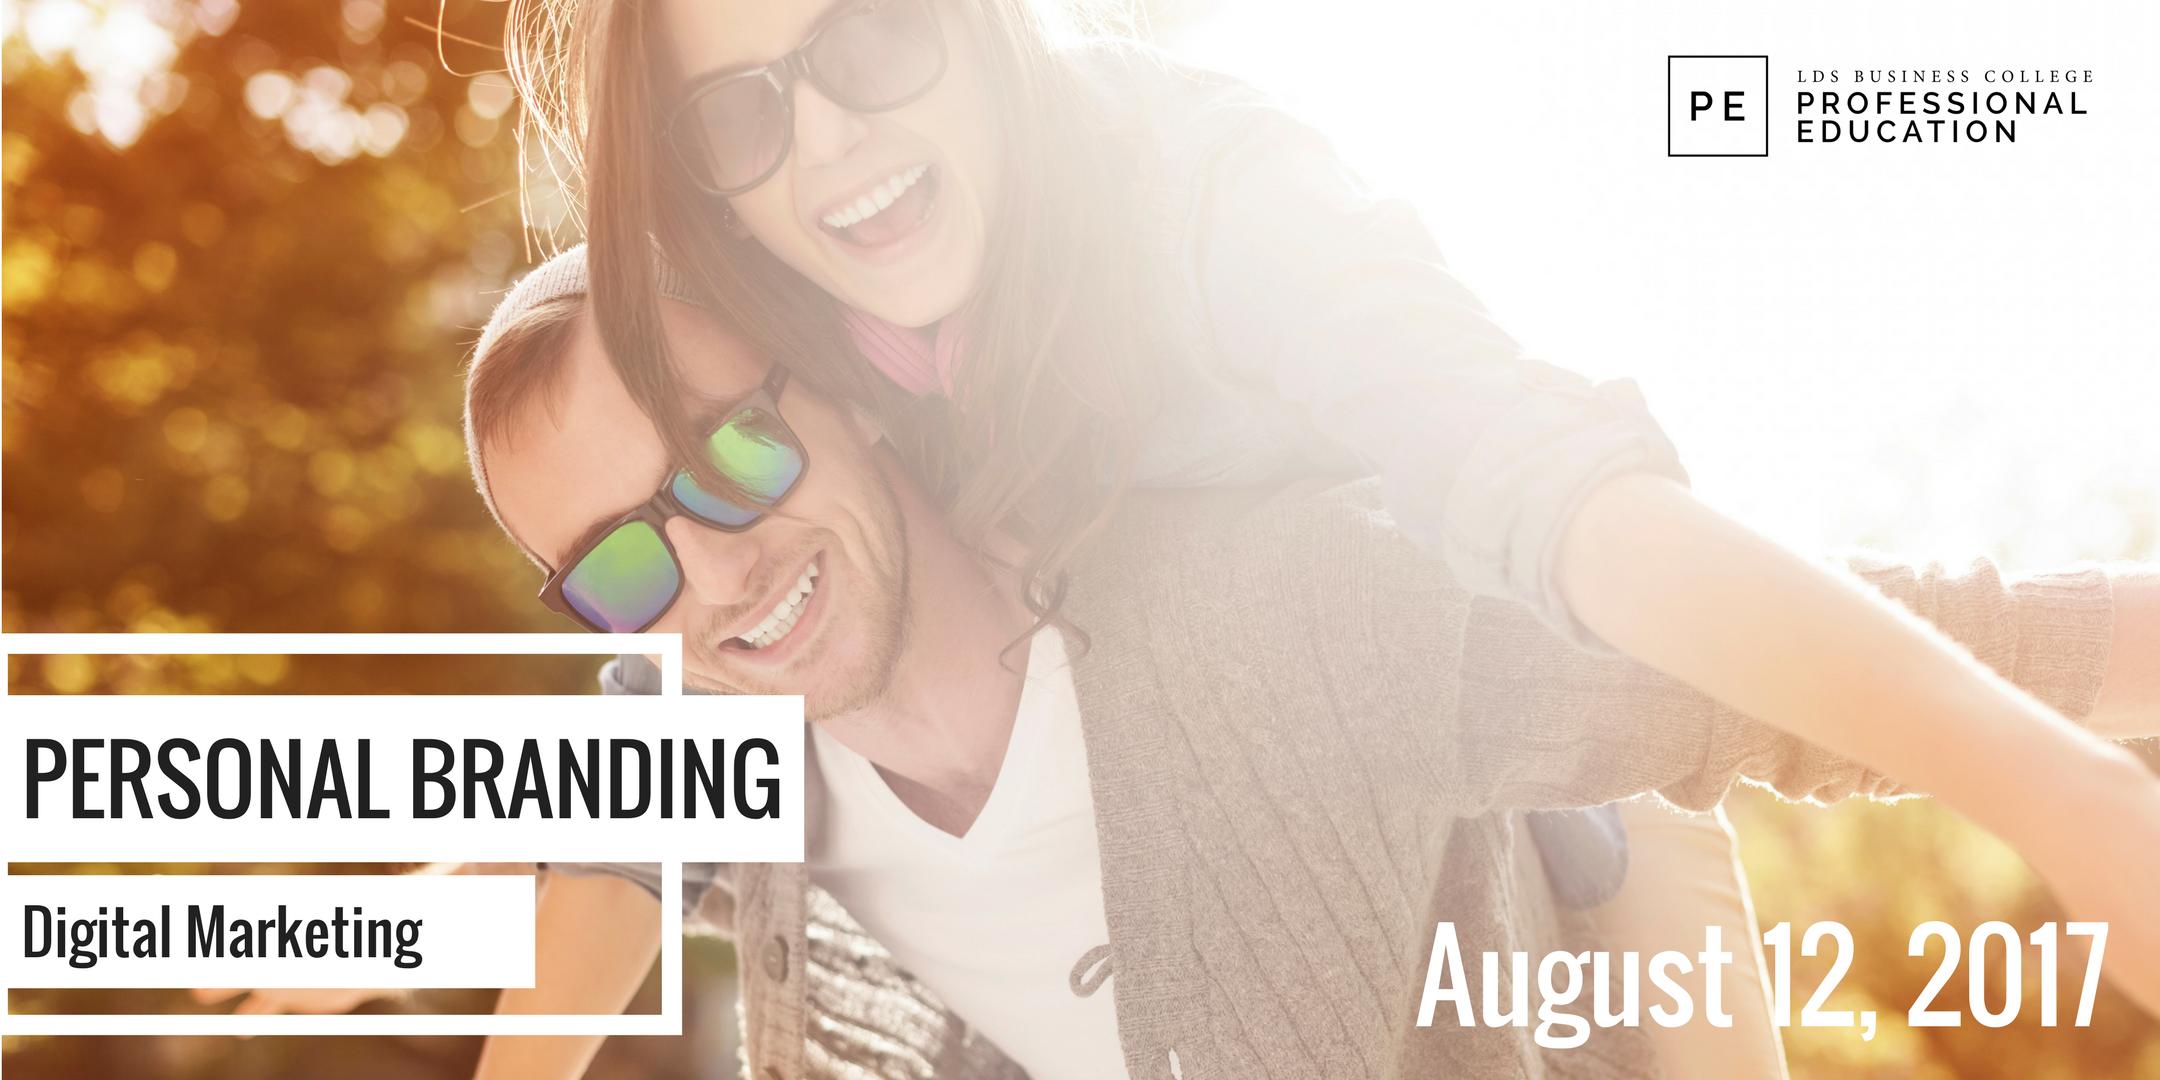 Digital Marketing: Personal Branding Workshop